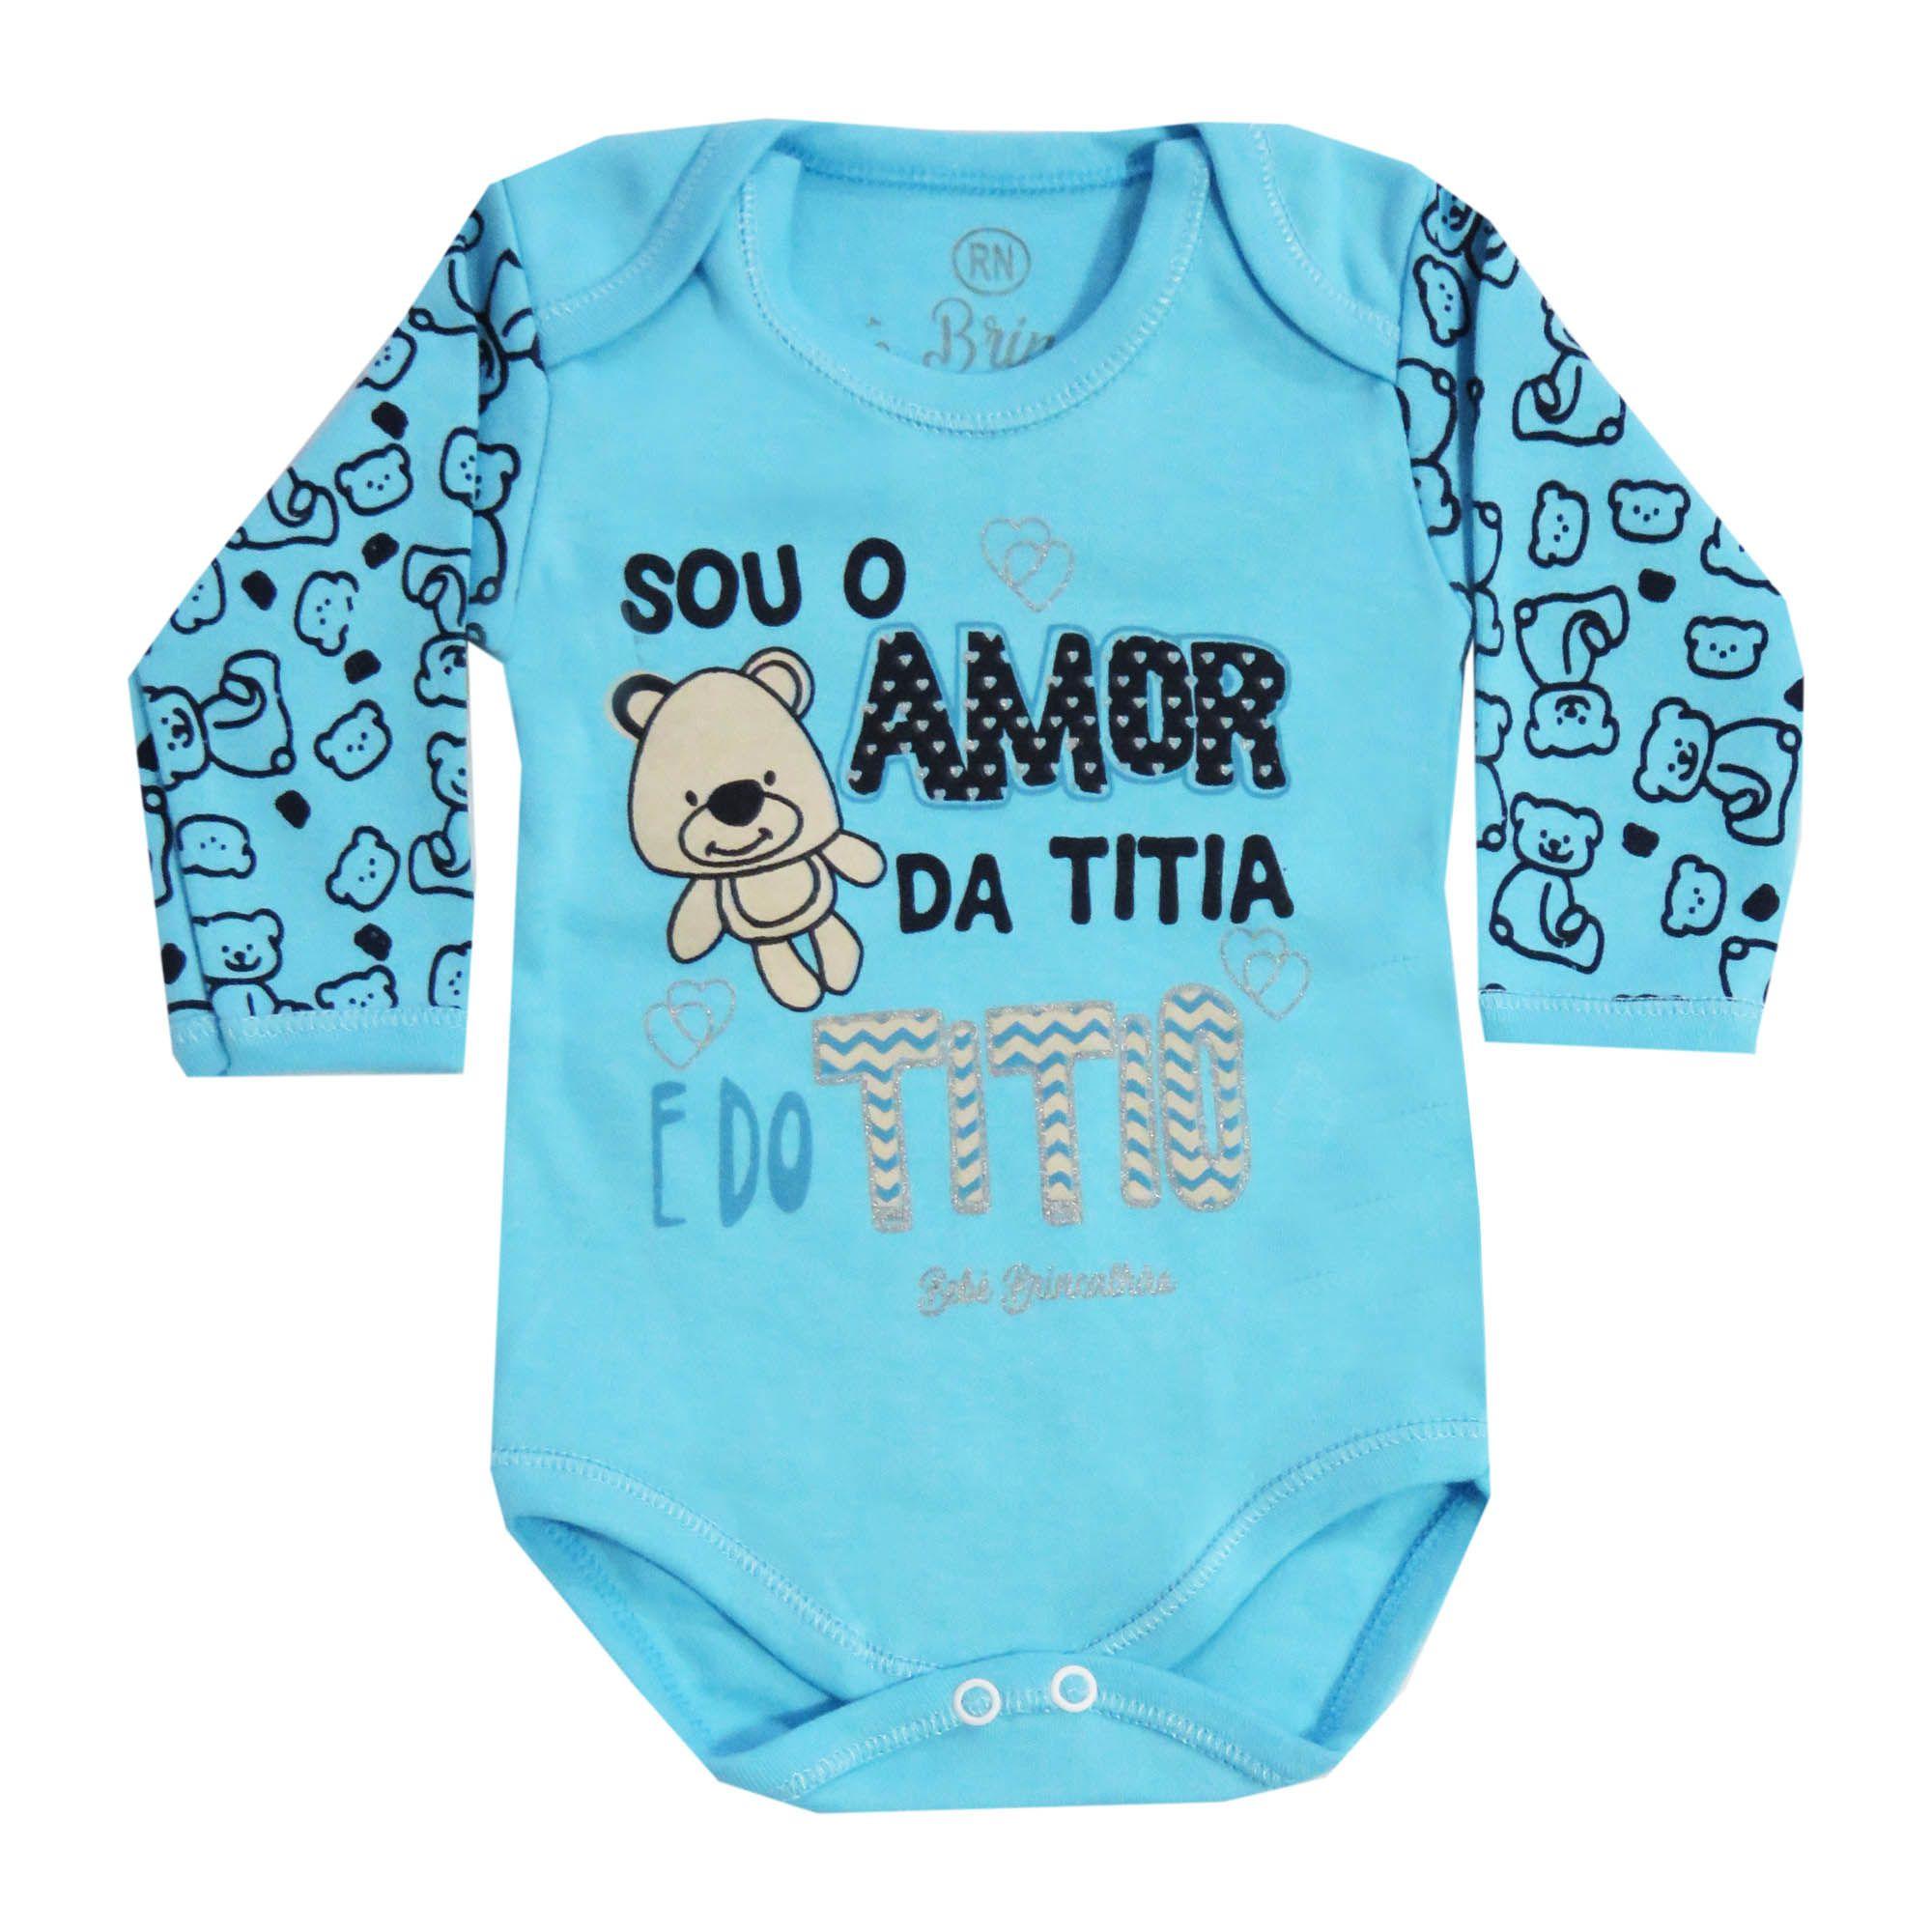 Body Manga Longa Bebê Brincalhão Frases Sou o Amor da Titia e do Titio - Rn ao G